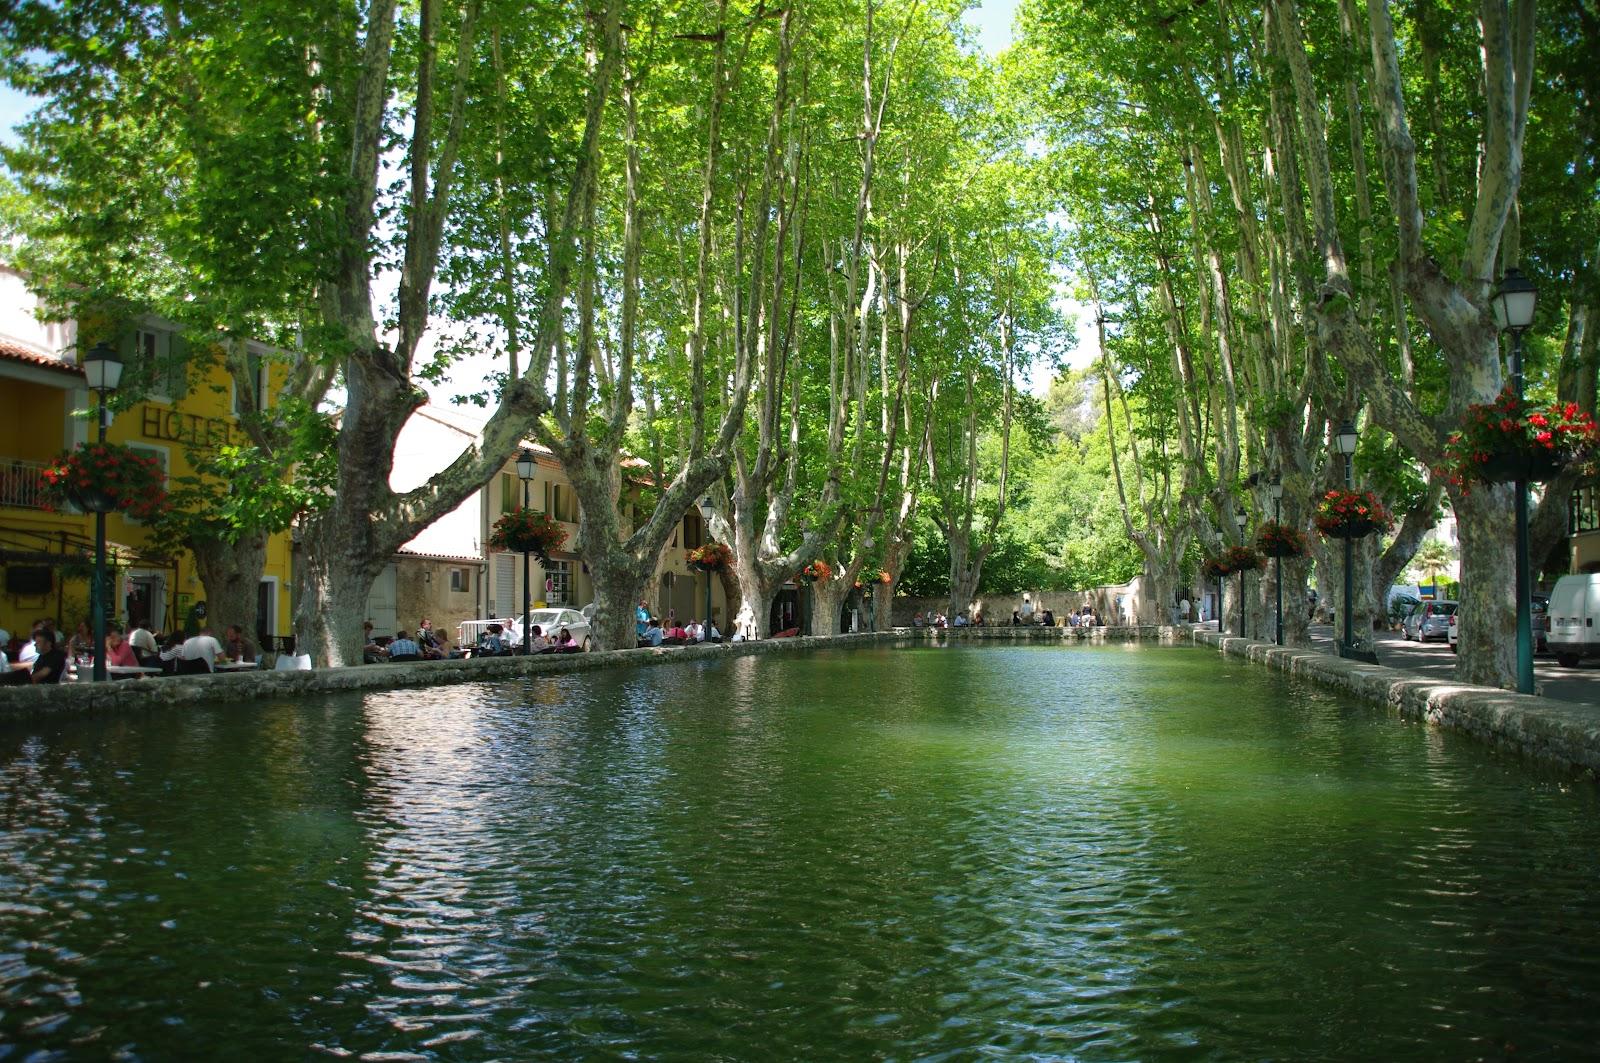 St ph and delph dimanche en vaucluse for Les plus beaux villages des yvelines